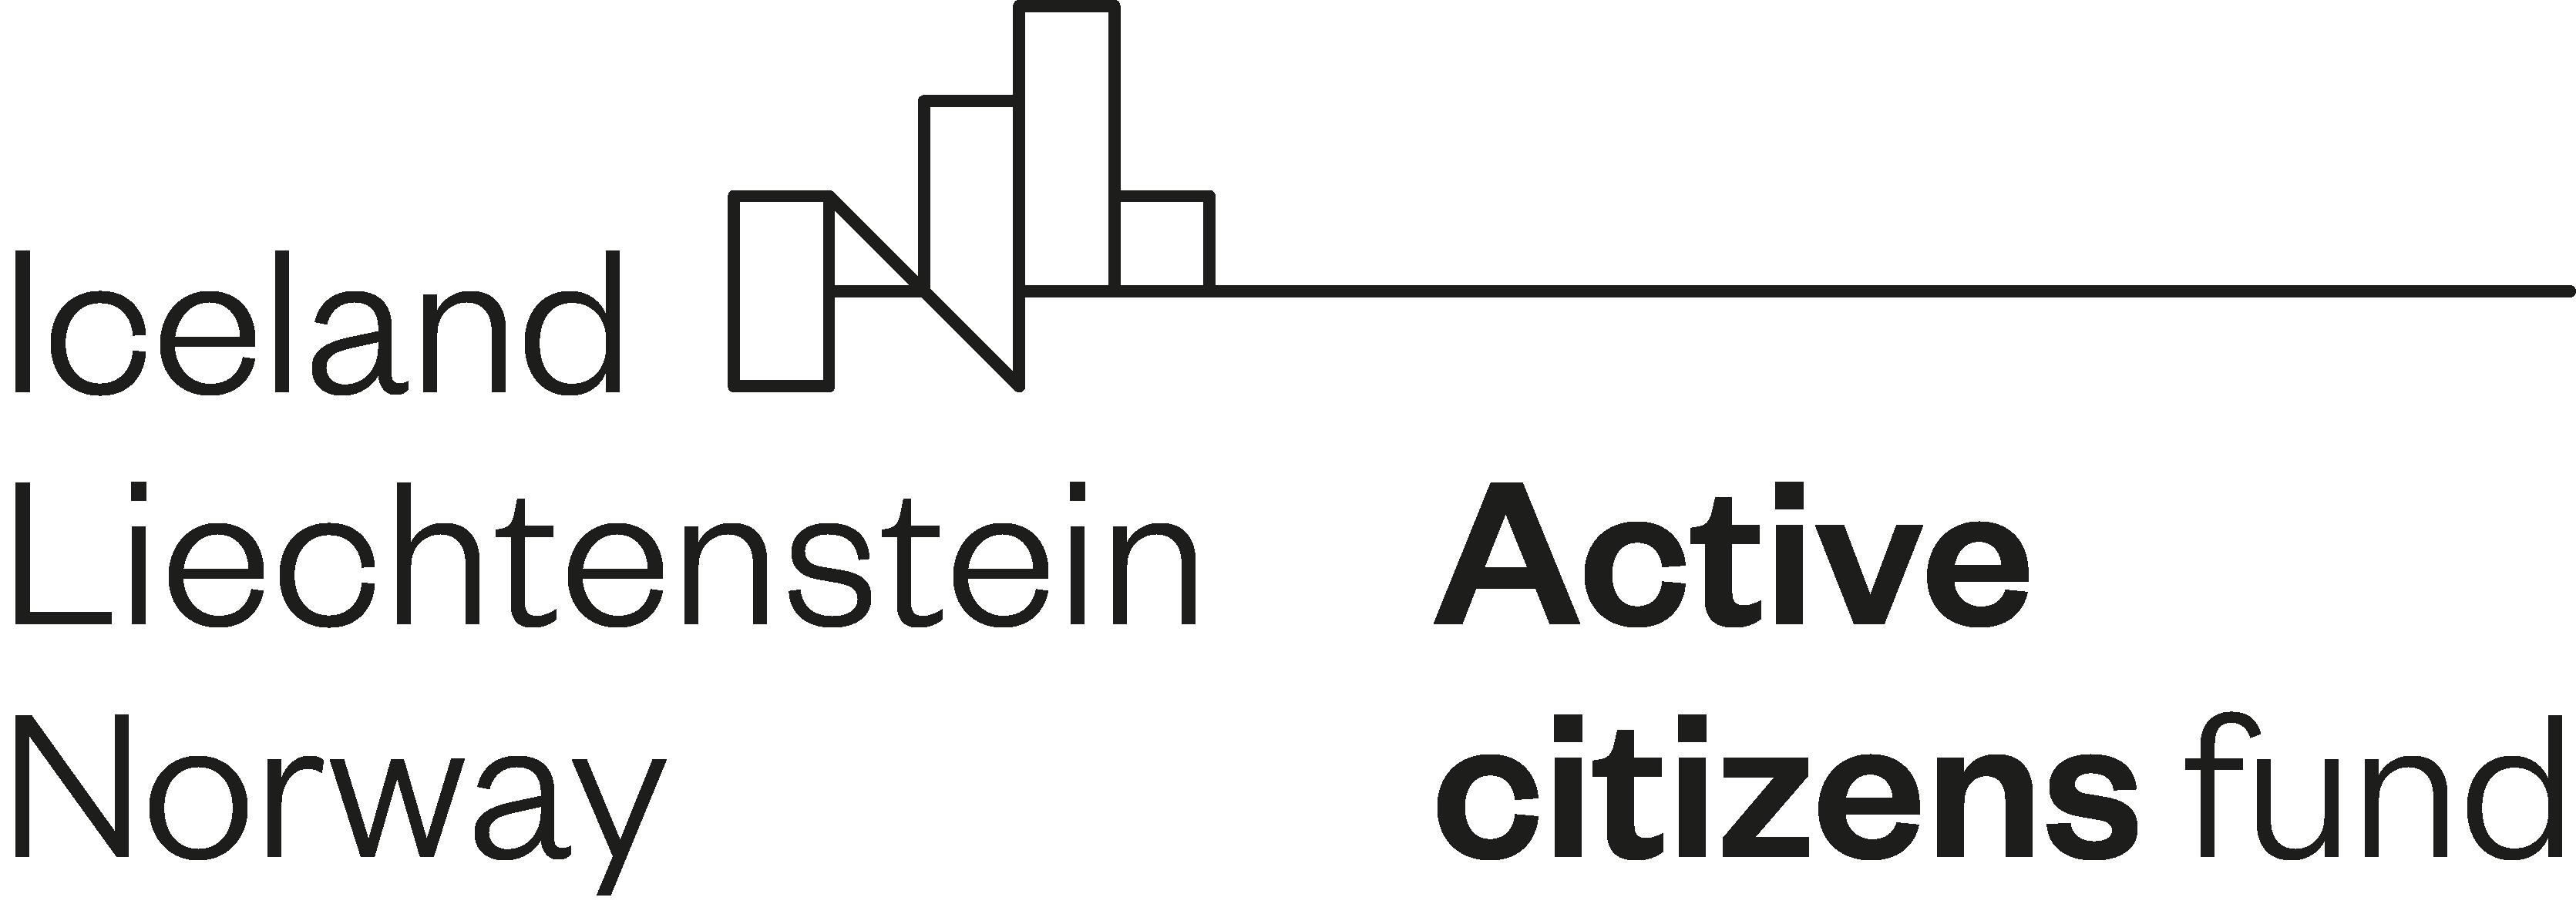 Nyilvános konzultáció az Izland, Liechtenstein és Norvégia által Magyarországon támogatott új Civil Alapról